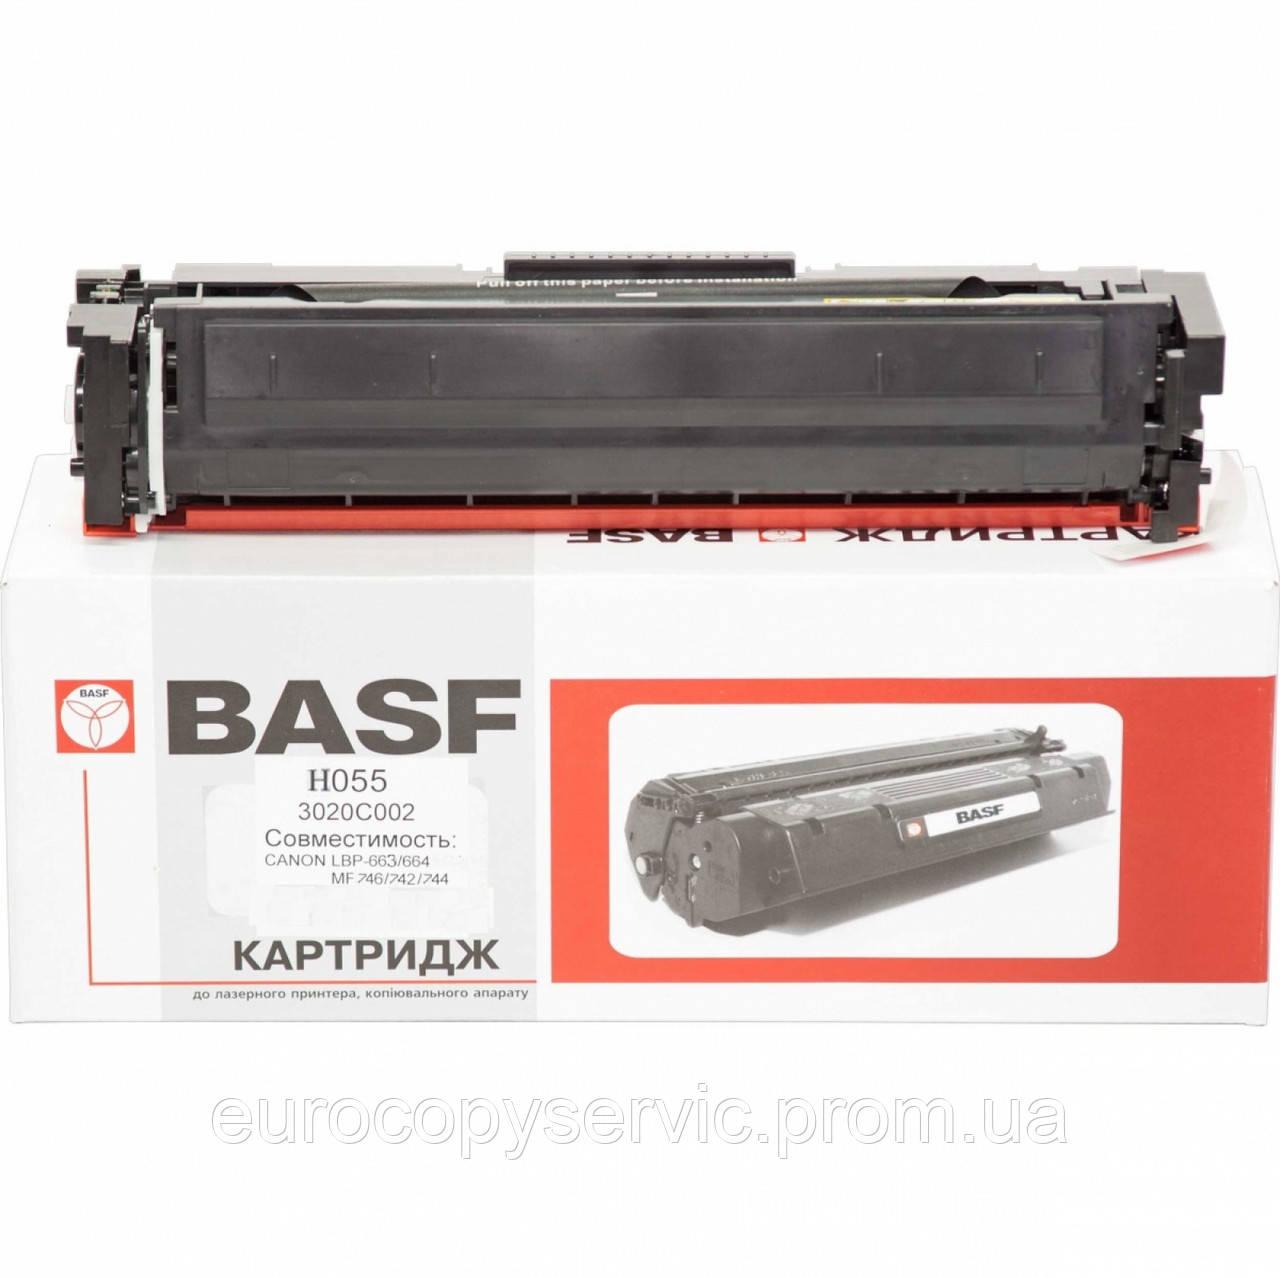 Тонер-картридж BASF для Canon MF-742Cdw аналог 3020C002 Black (BASF-KT-3020C002-WOC) без чипа